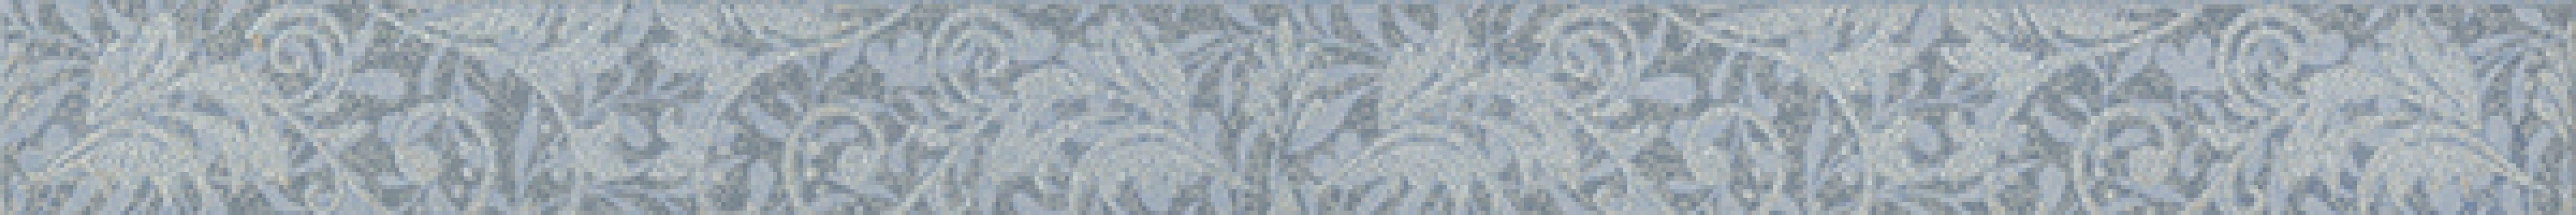 Mystic List-1 Aqua 4x50